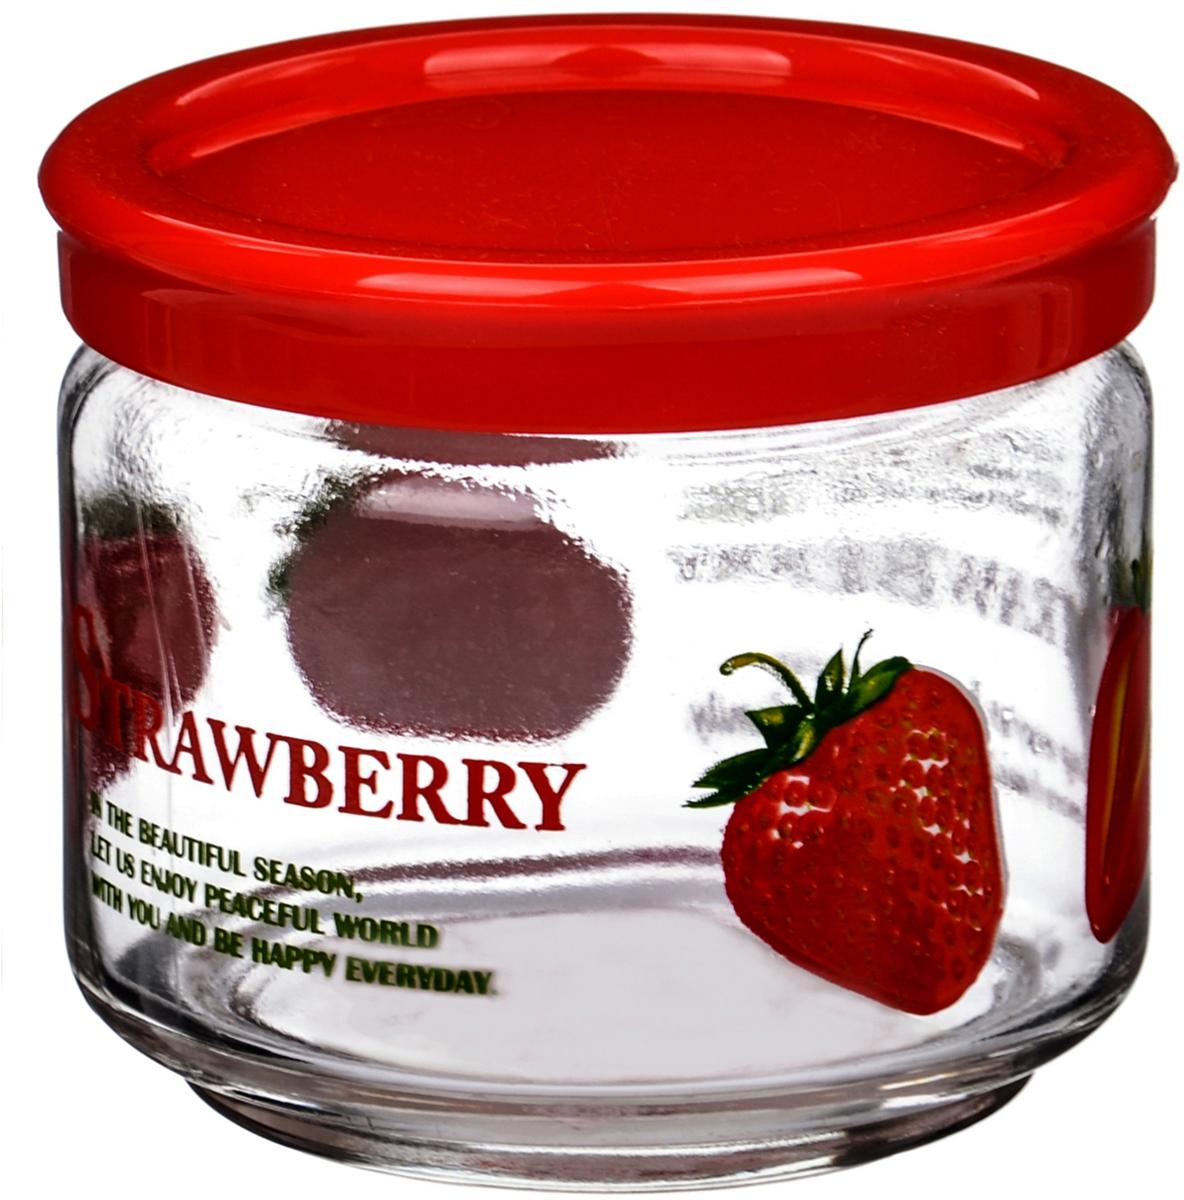 Банка для сыпучих продуктов LY, цвет: красный, 300 млLY211T_2Банка для сыпучих продуктов LY изготовлена из прочного стекла. Прозрачныестенки позволяют видеть содержимое. Внешняя поверхность декорированаярким рисунком. Банка снабжена закручивающейся крышкой из прочного пластика. Изделие подходит для хранения разнообразных сыпучих продуктов, таких каккрупы, сахар, соль, чай, кофе и многое другое. Банка сбережет ваши продукты отвлаги, пыли и насекомых и надолго сохранит их свежими.Банки рекомендуется мыть вручную, без жесткого абразива. Не подвергатьрезкому перепаду температур.